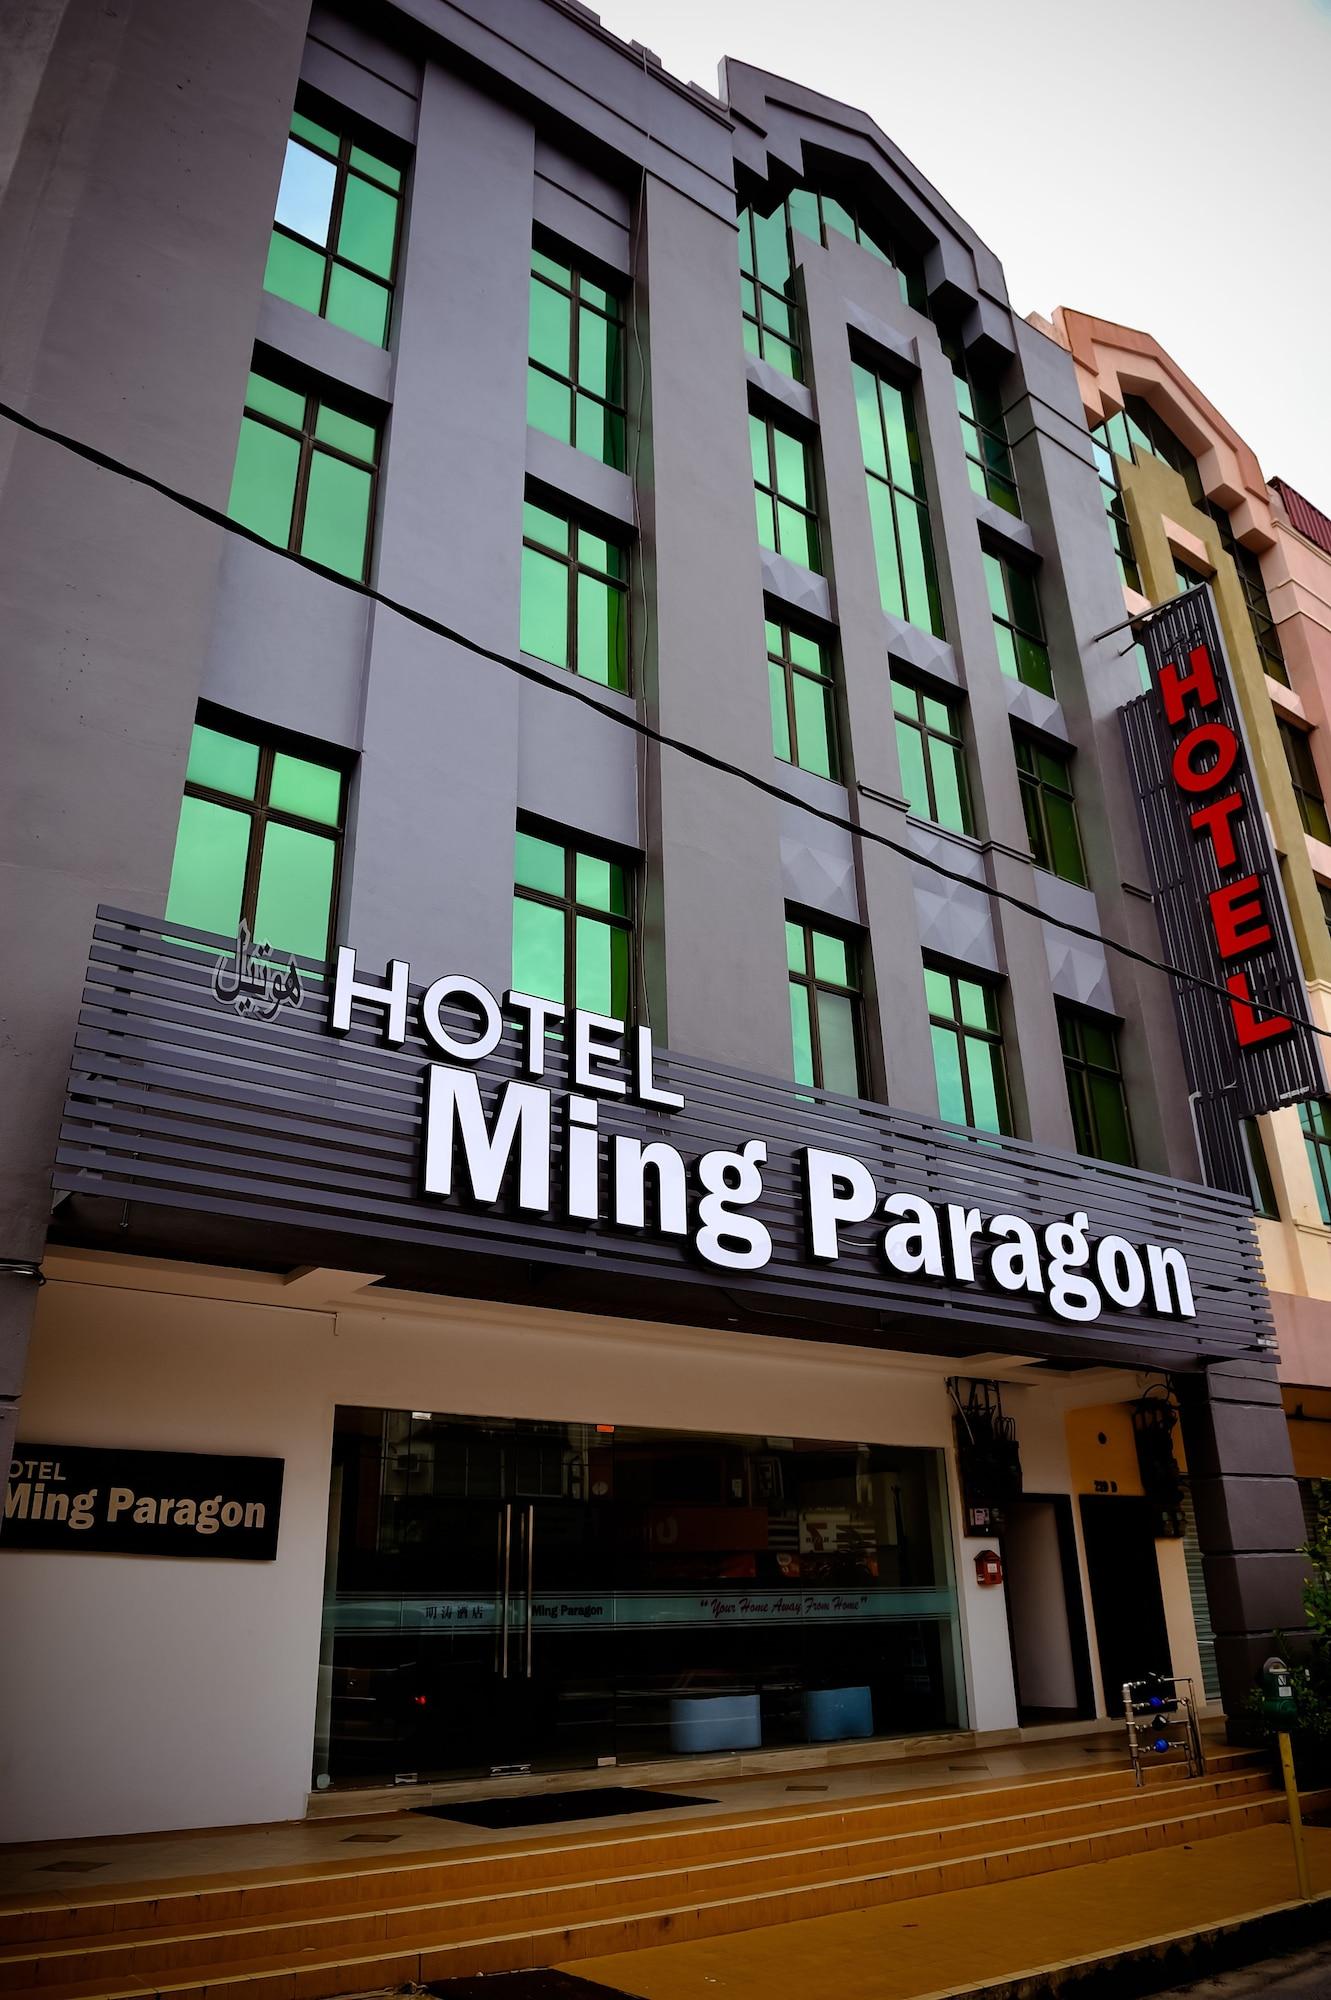 Ming Paragon Hotel and Spa, Kuala Terengganu